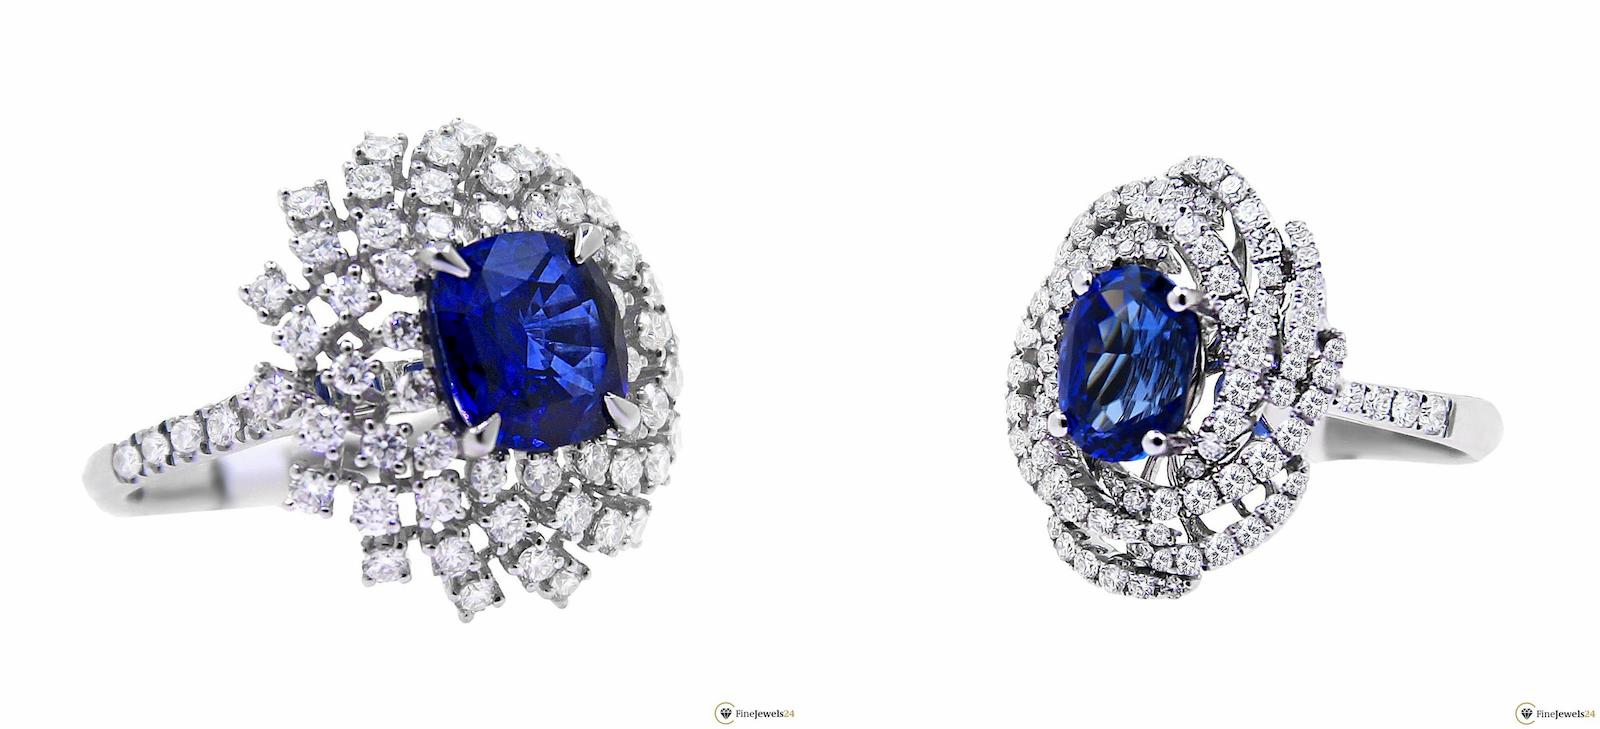 Ringe aus Weißgold mit Saphiren und Diamanten besetzt